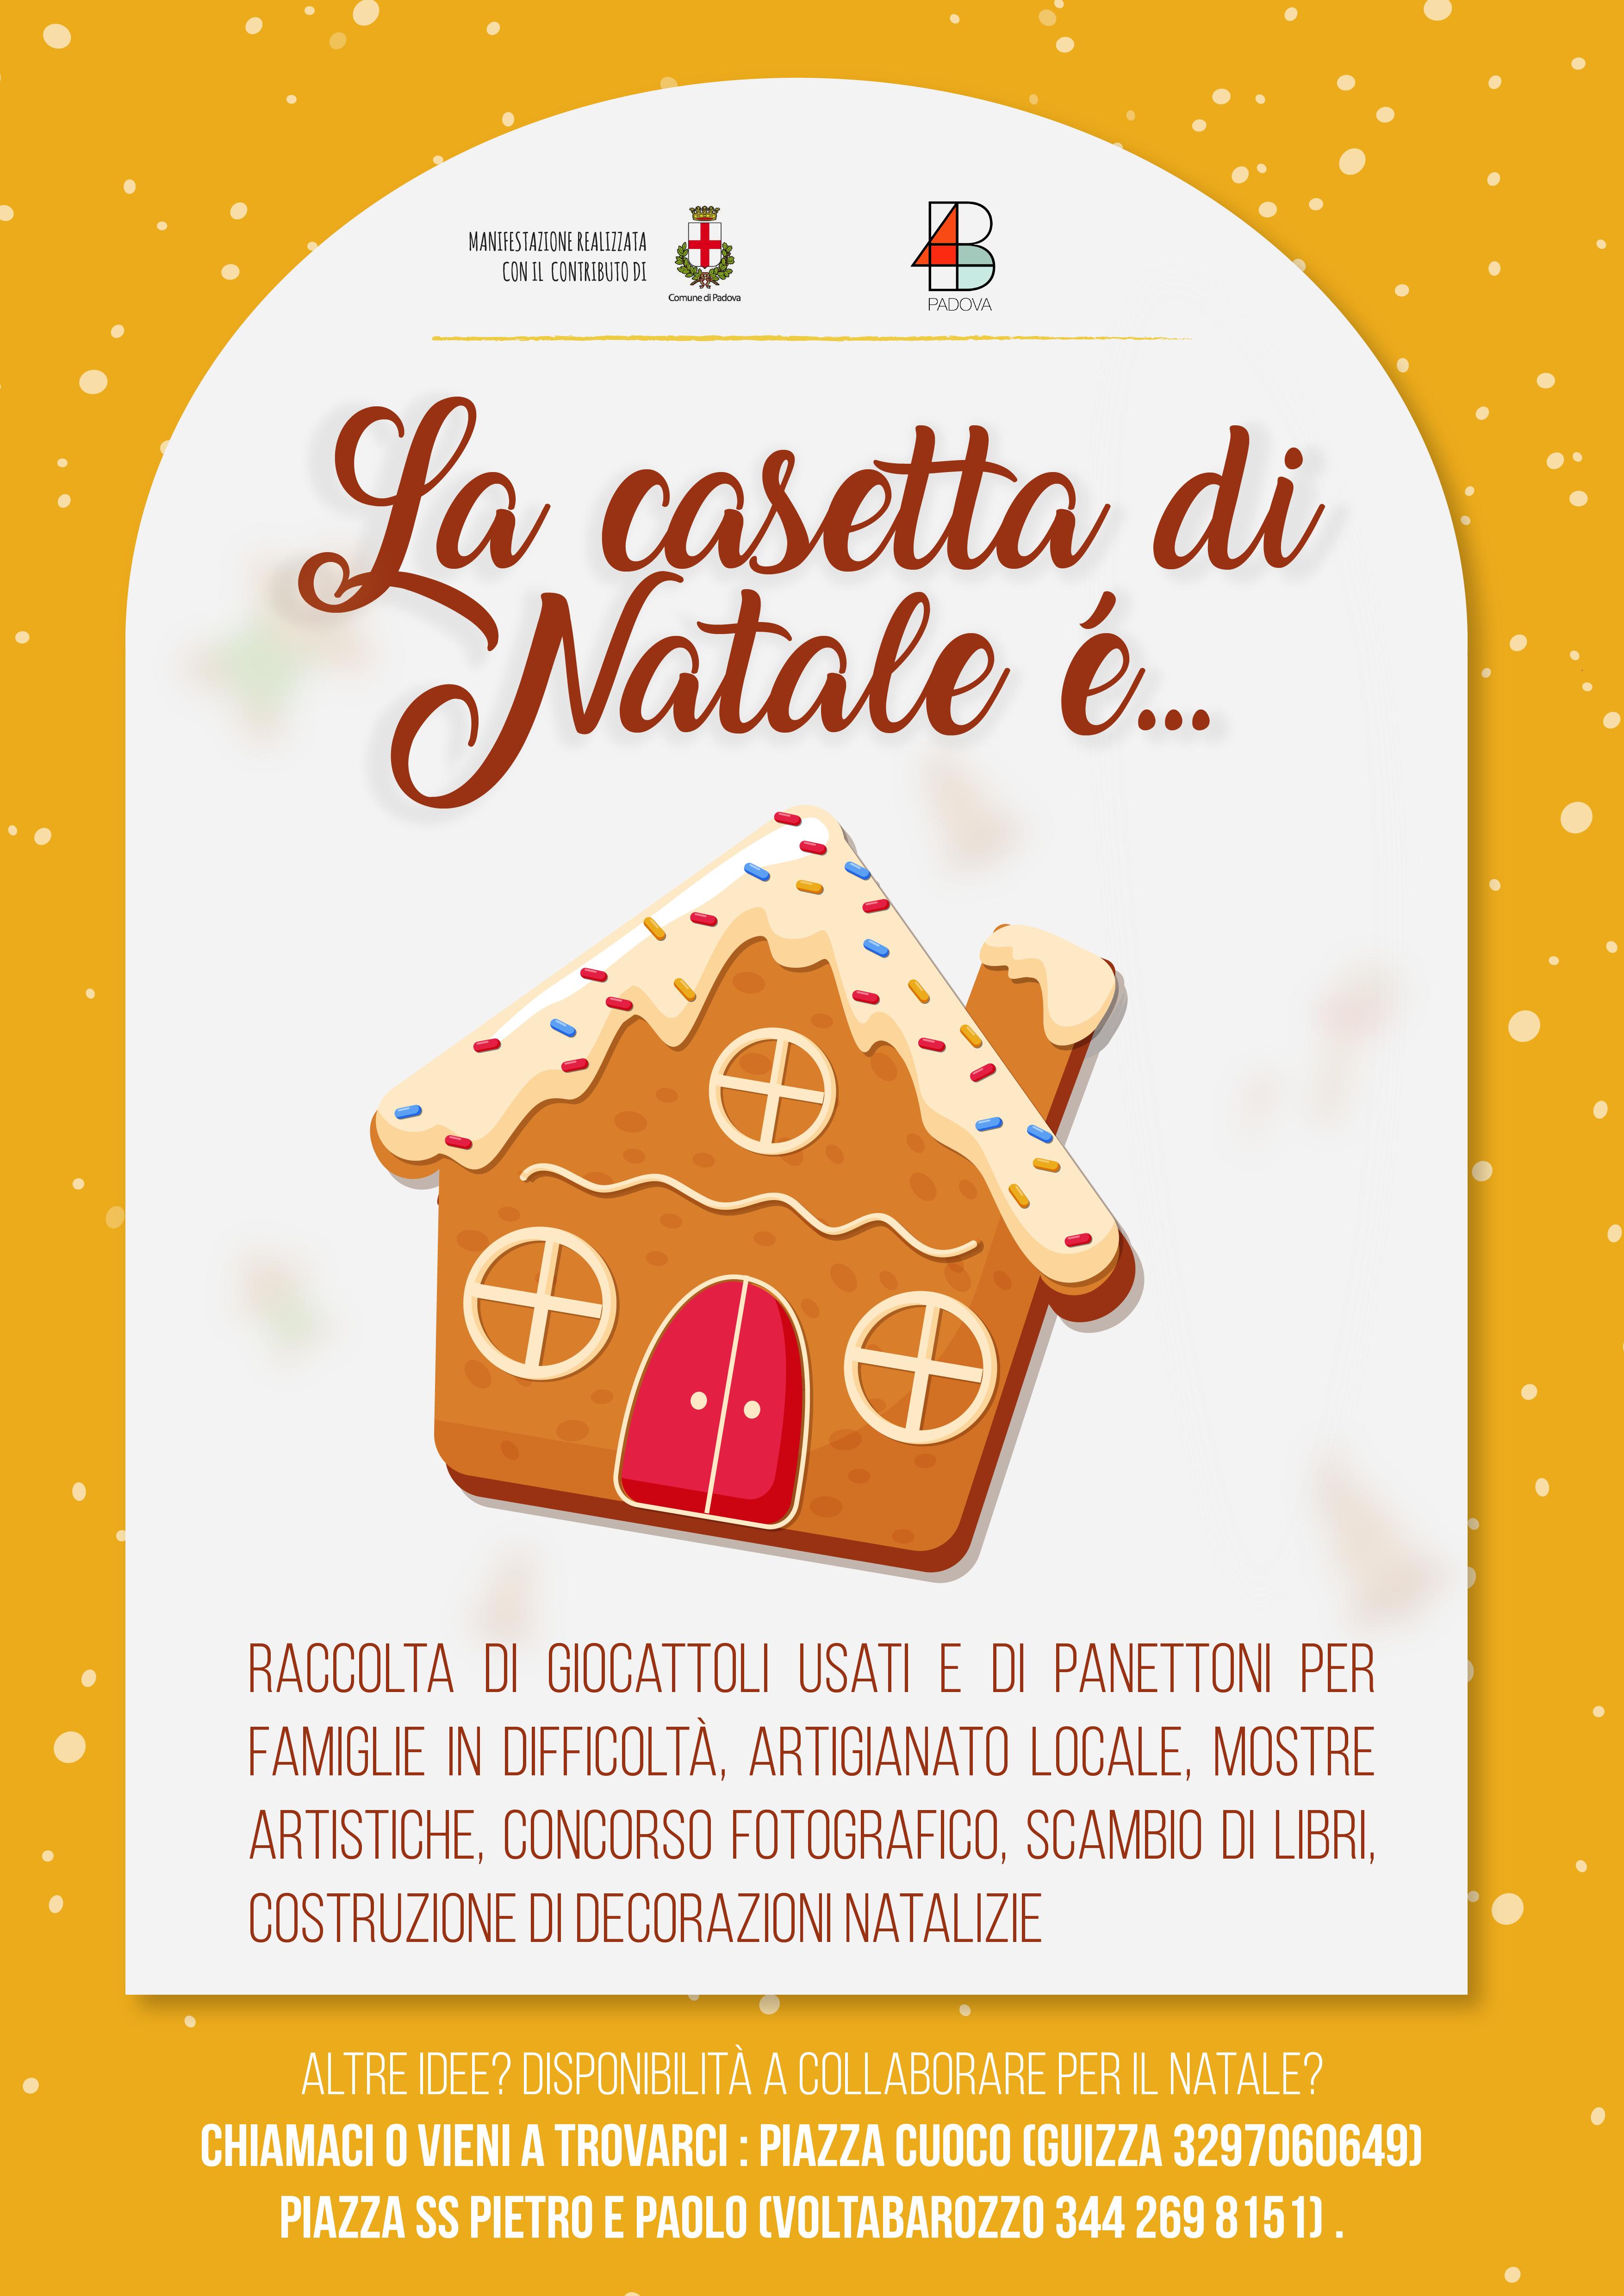 casetta-di-natale-01